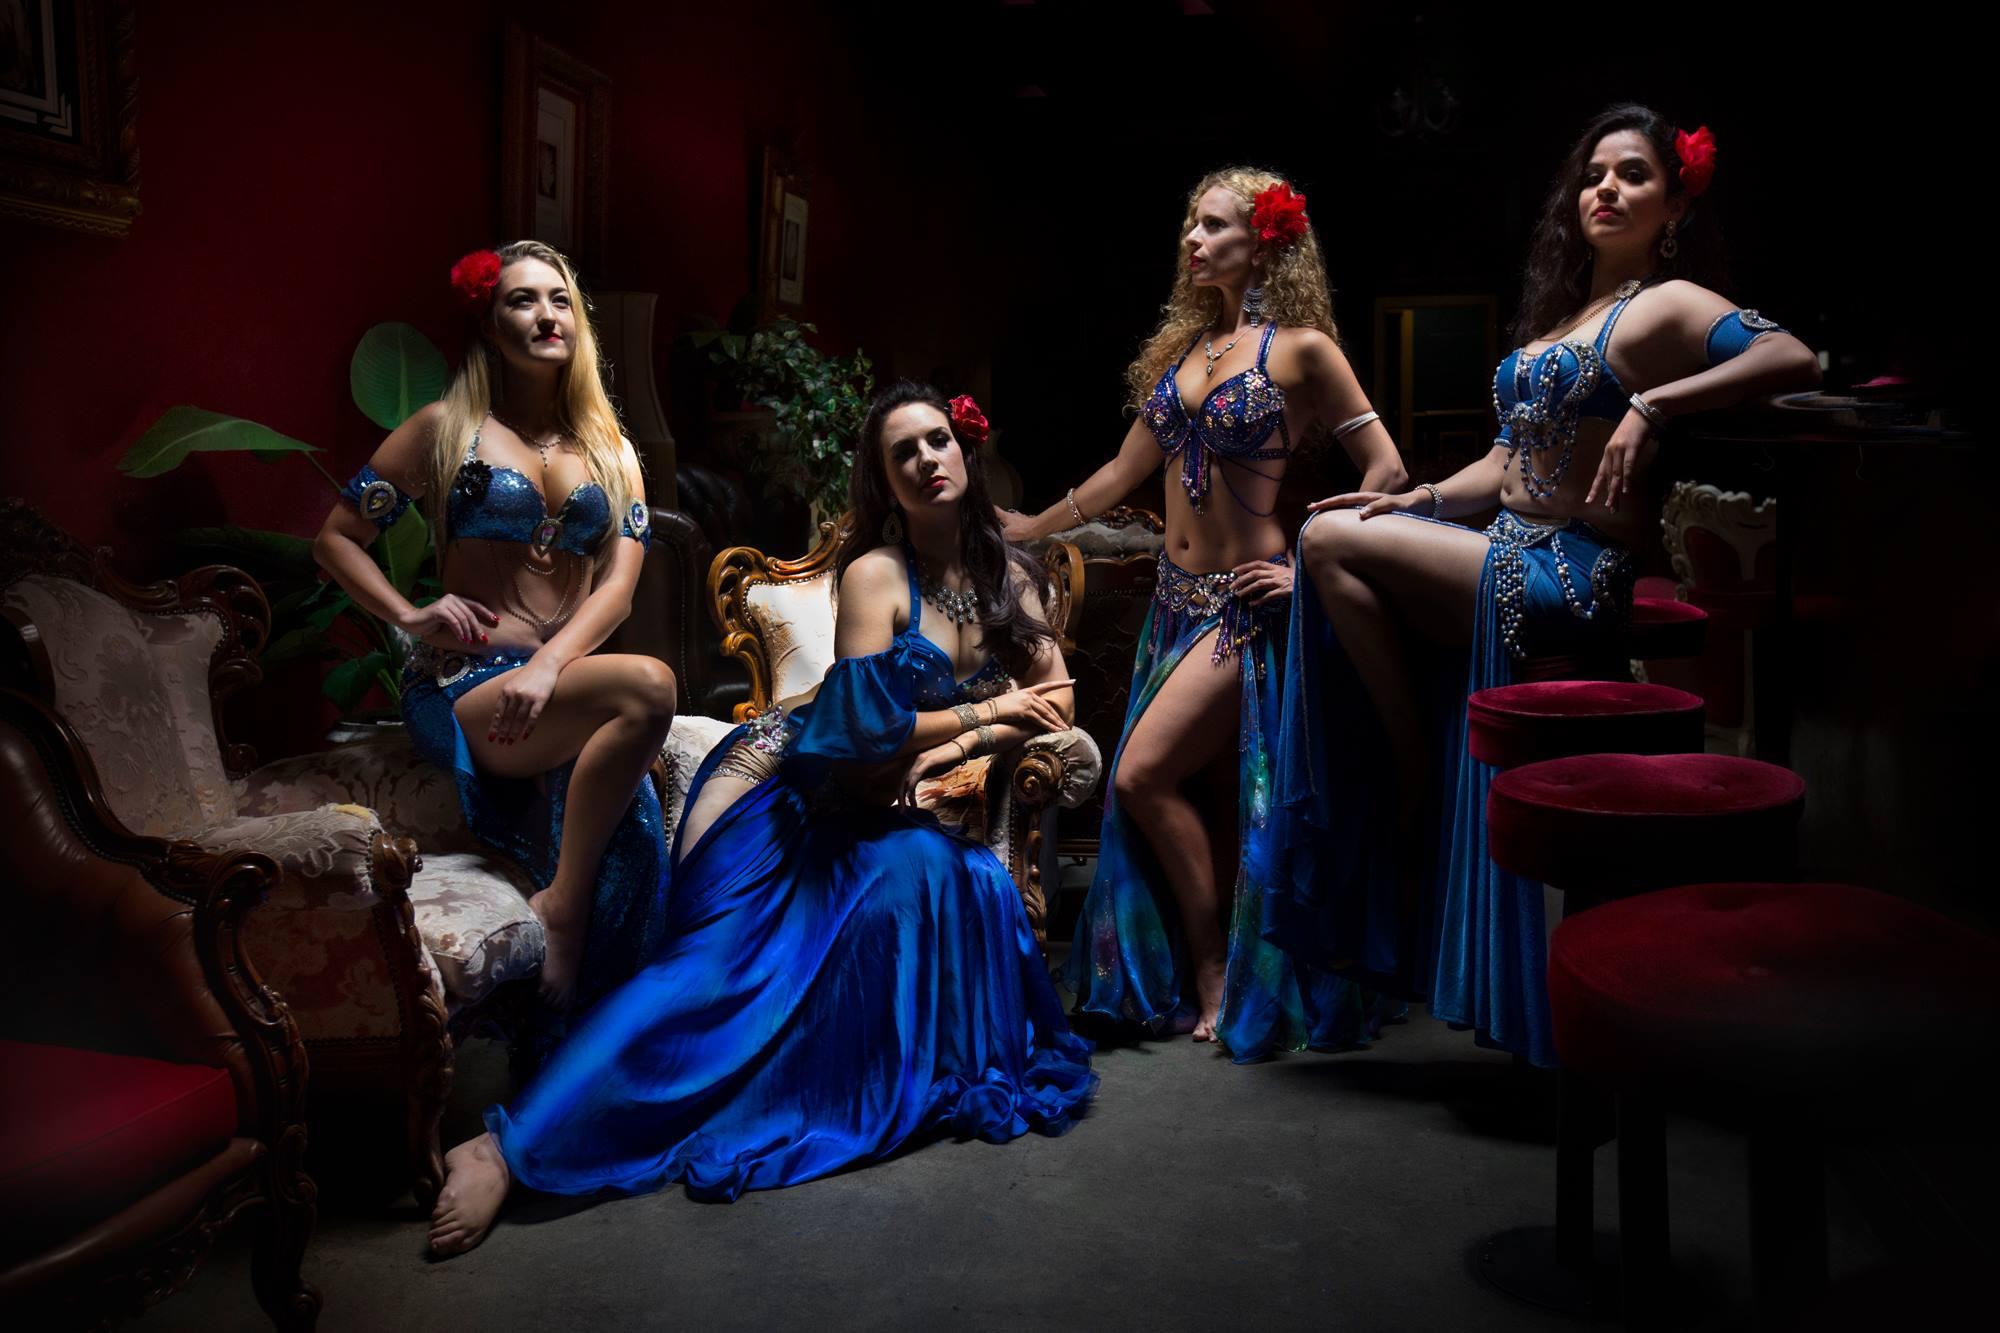 belly dancers Melbourne, belly dancers hire Melbourne, belly dancer